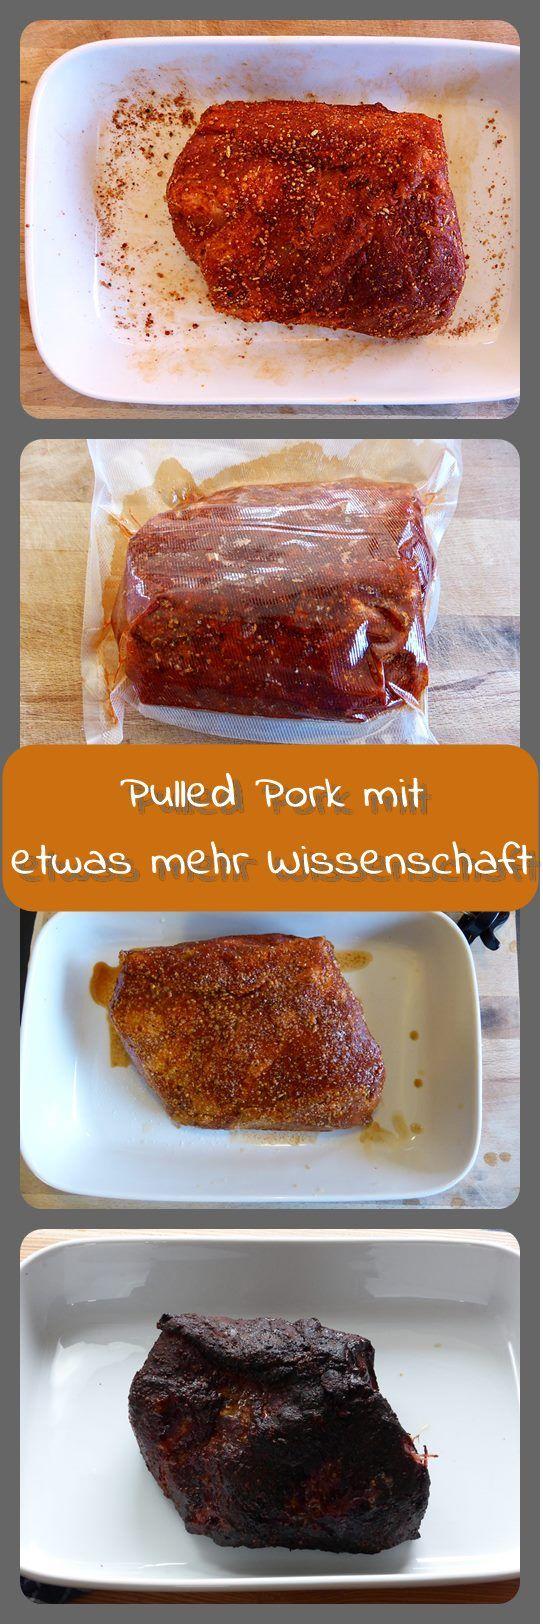 Pulled Pork mit etwas mehr Wissenschaft Pulled Pork ist nach wie vor eines der beliebtesten BBQ-Rezepte unter den ambitionierten Grillern. Nachdem ich bereits eine Variante von Pulled Pork f...